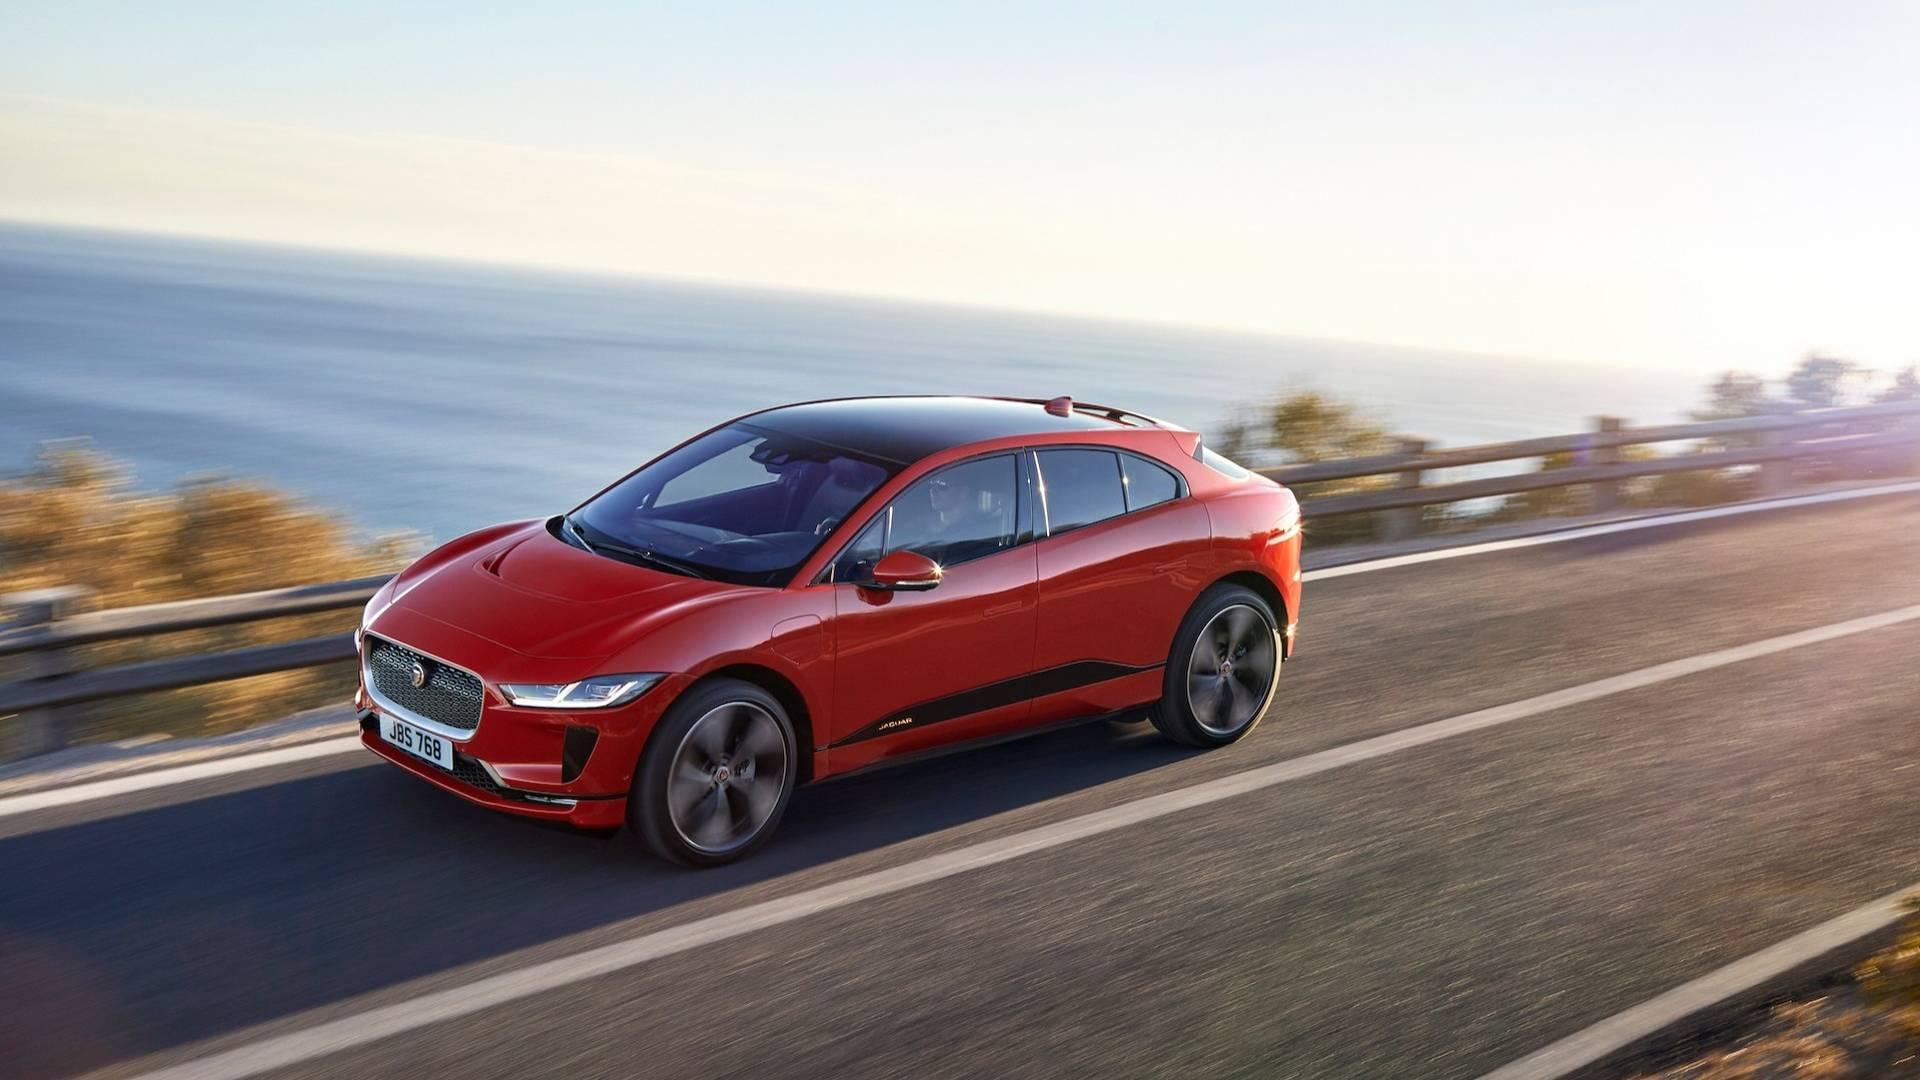 Jaguar F-Pace 2017 модельного года скоро поступит в продажу